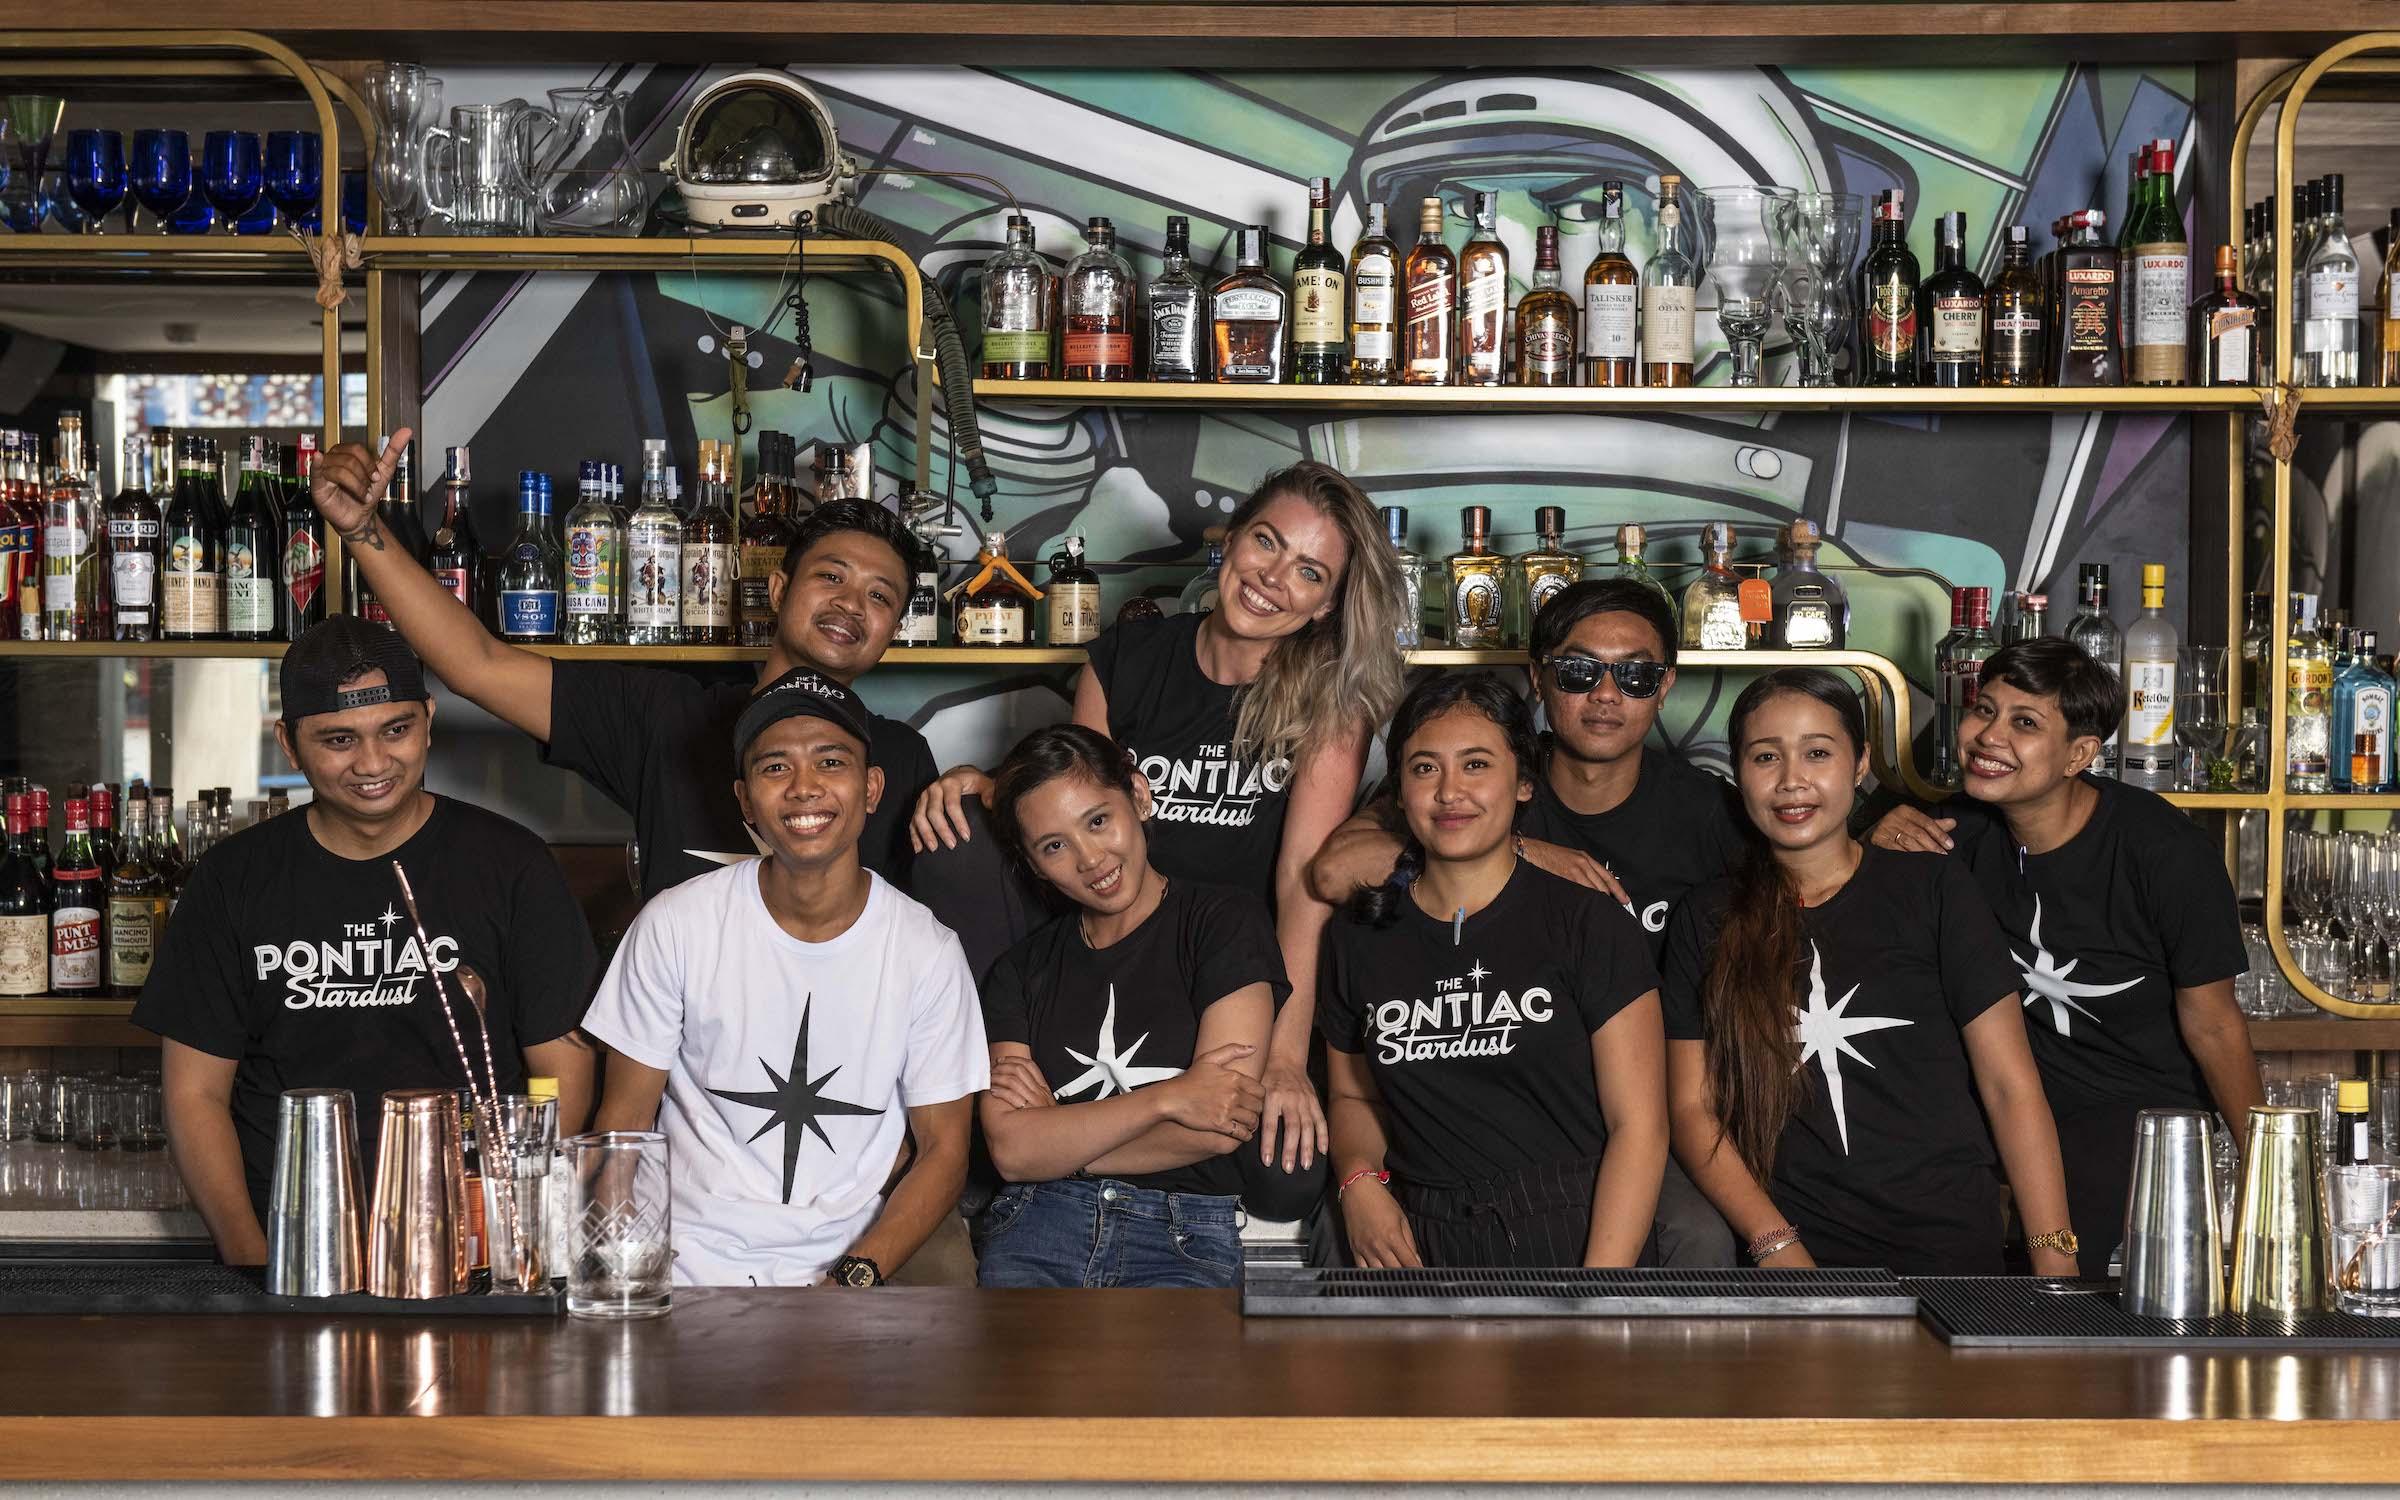 Pontiac Stardust Bali